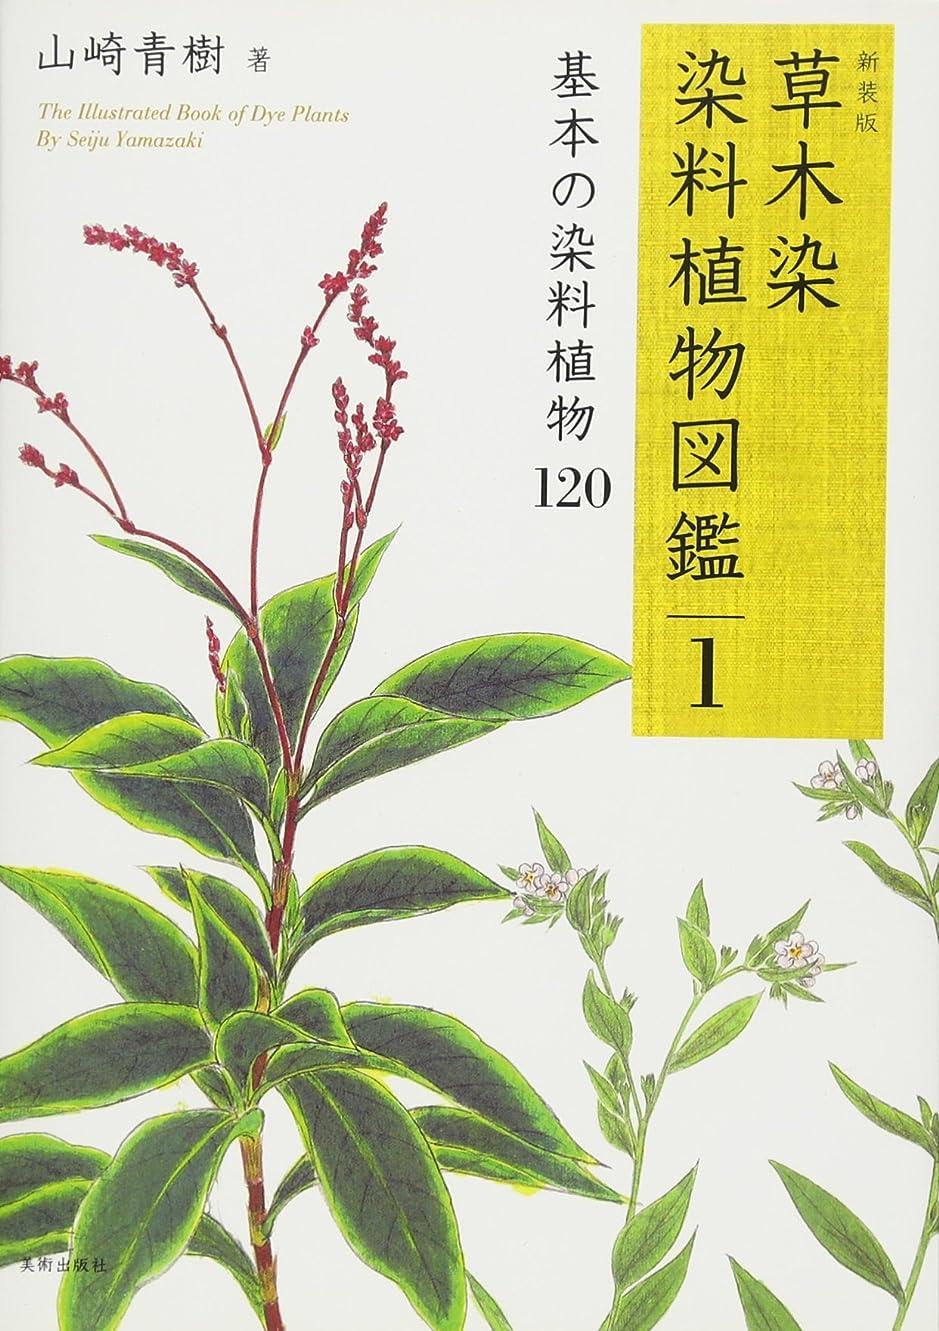 安定しました反応する広がり新装版 草木染 染料植物図鑑 1 基本の染料植物 120